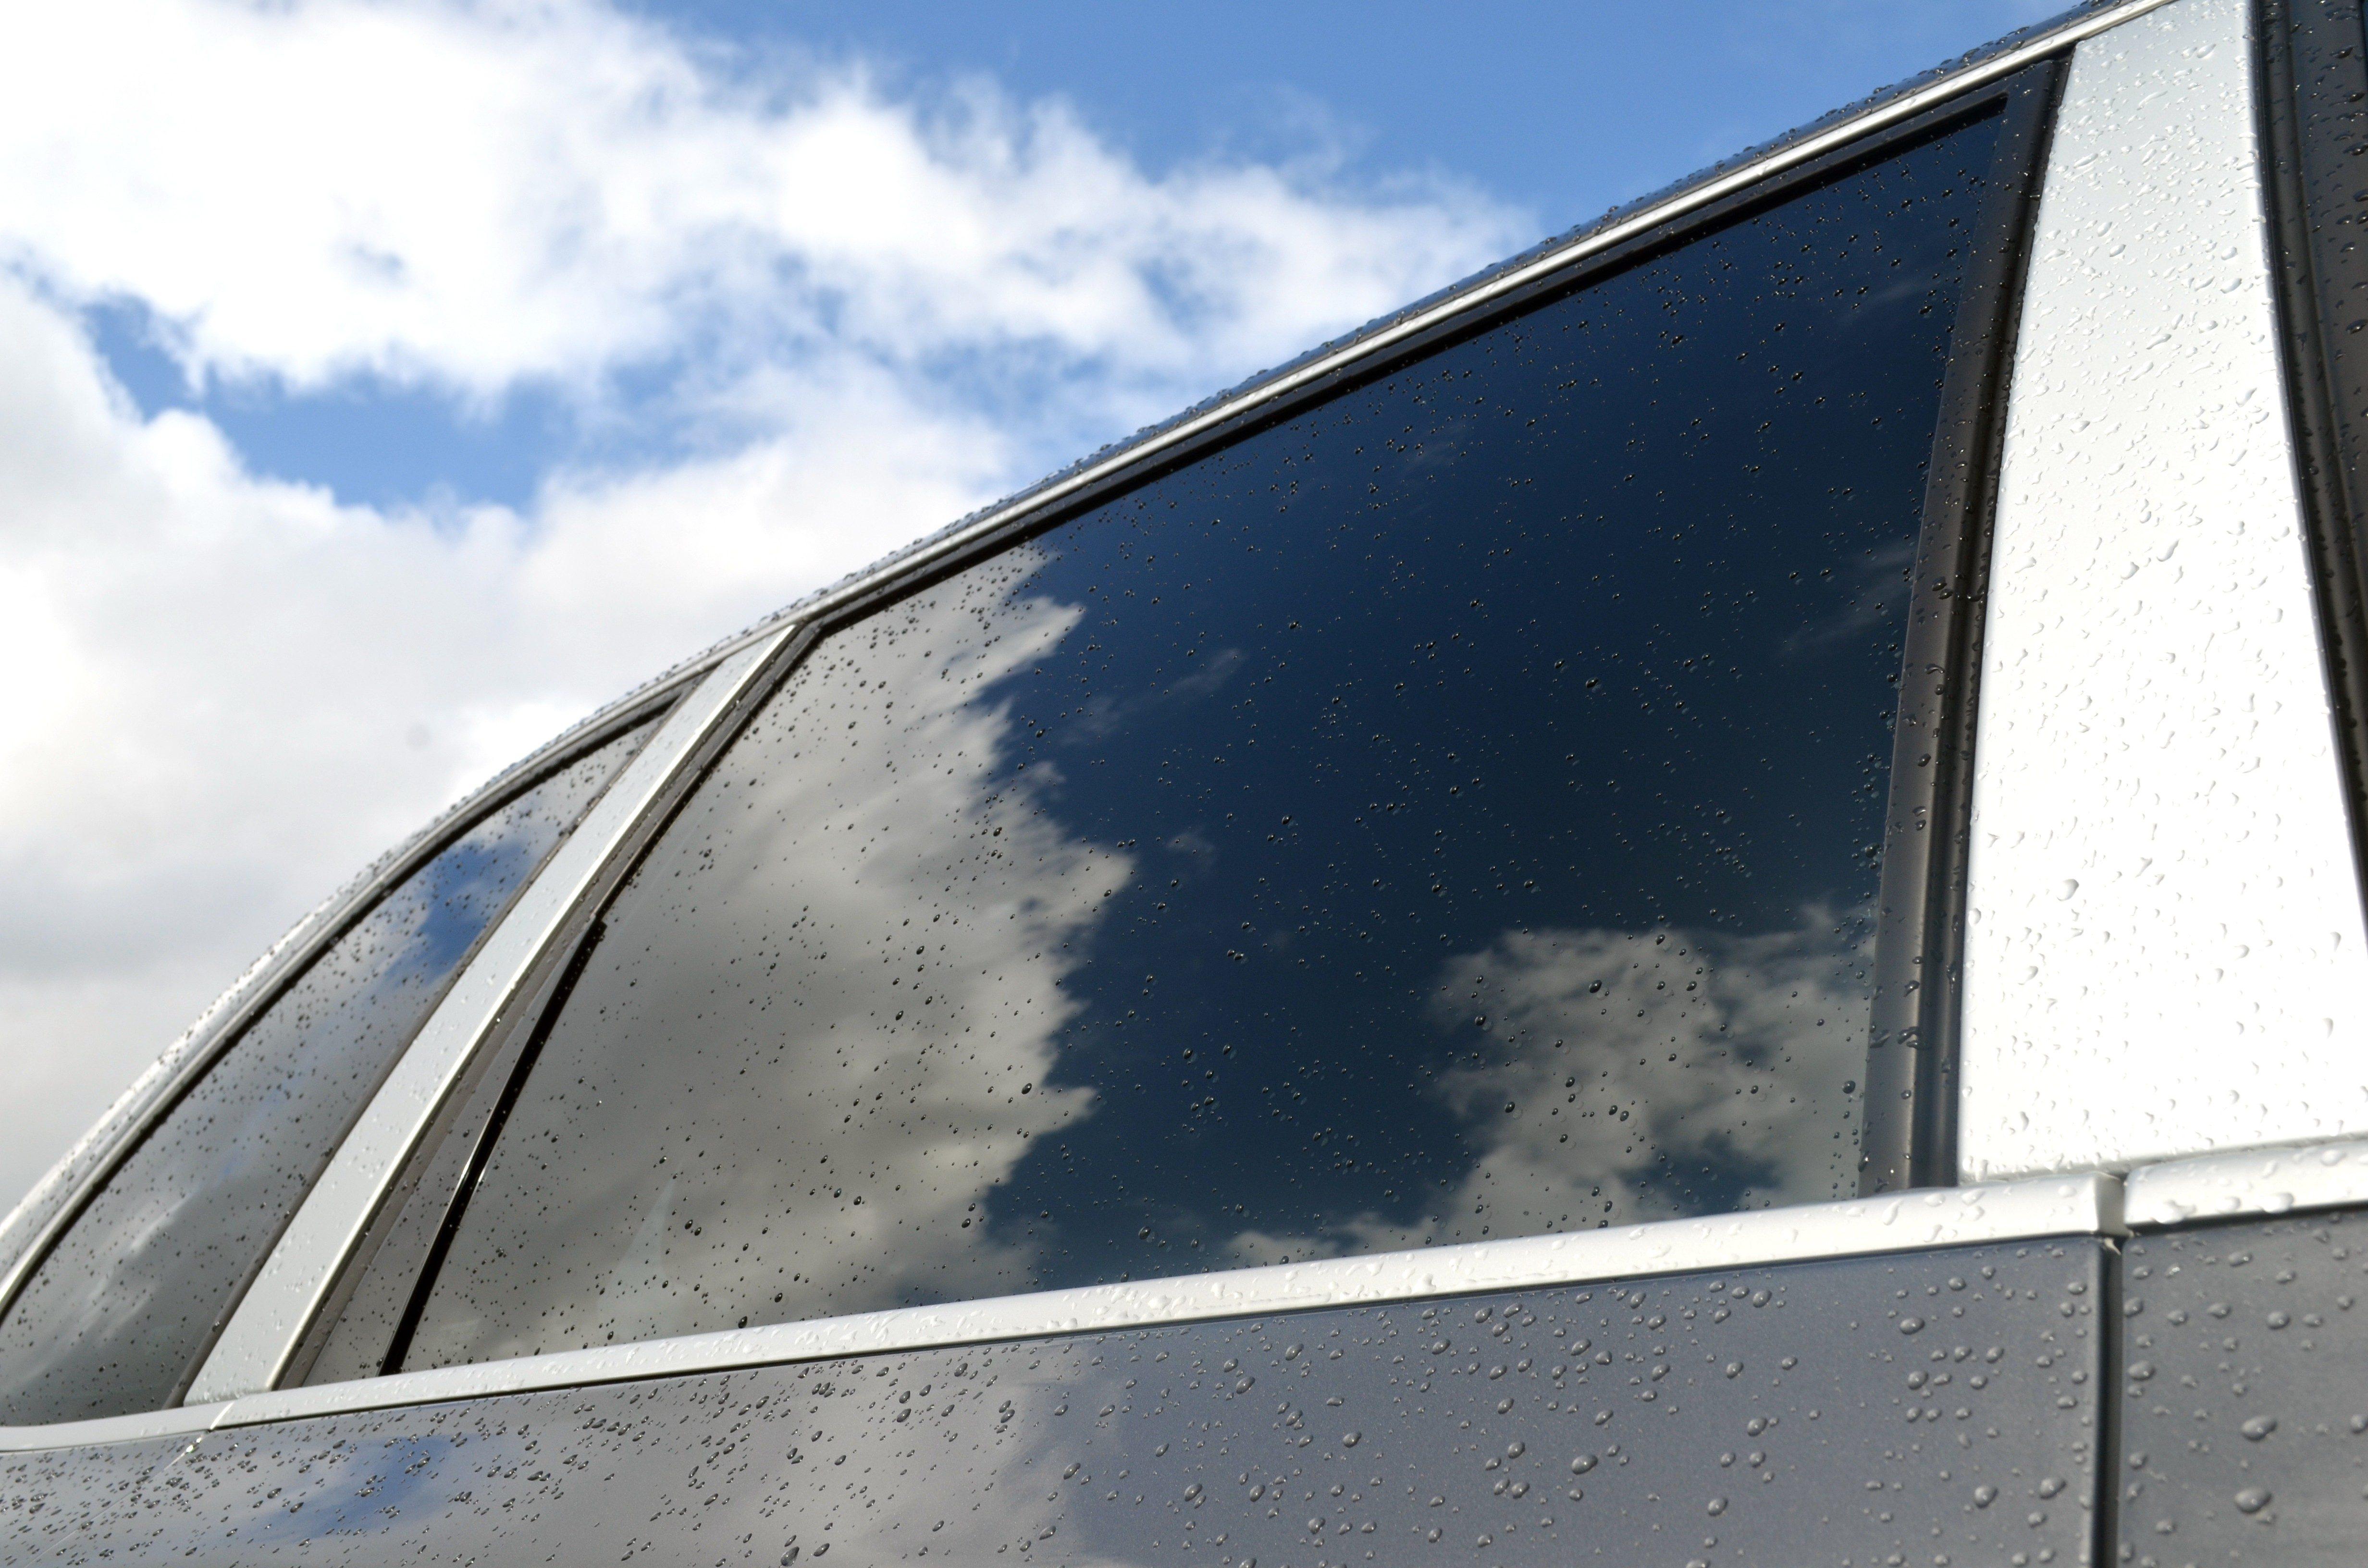 2. Les vitres teintées d'auto : protégez-vous de la chaleur